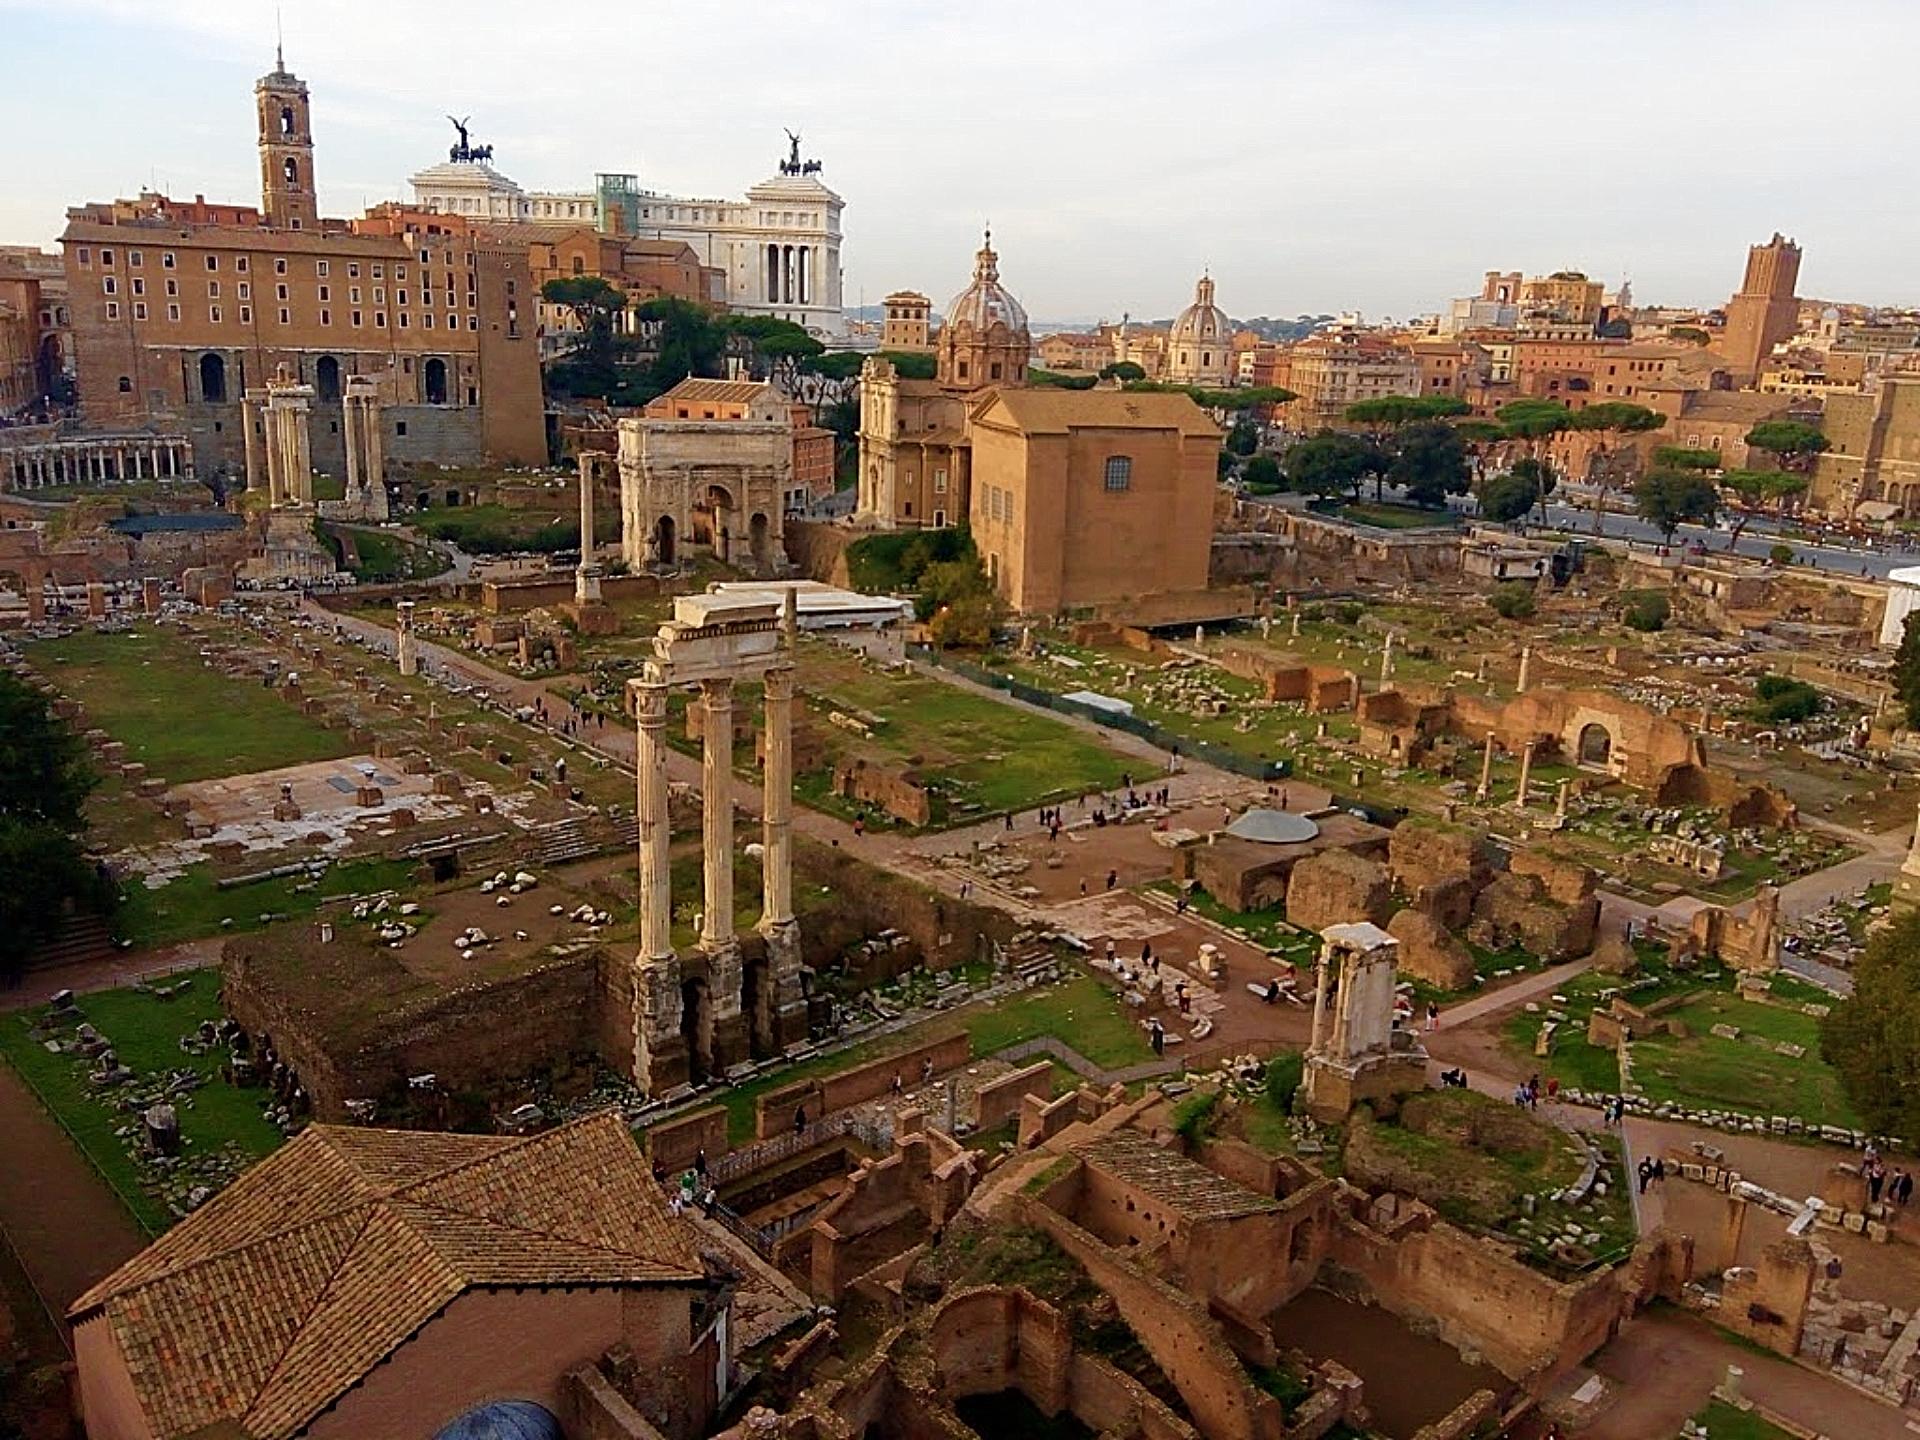 O Palatino e o Foro Romano guardam muitas ruínas da Roma Antiga. Foto: Carolina Werneck/Gazeta do Povo